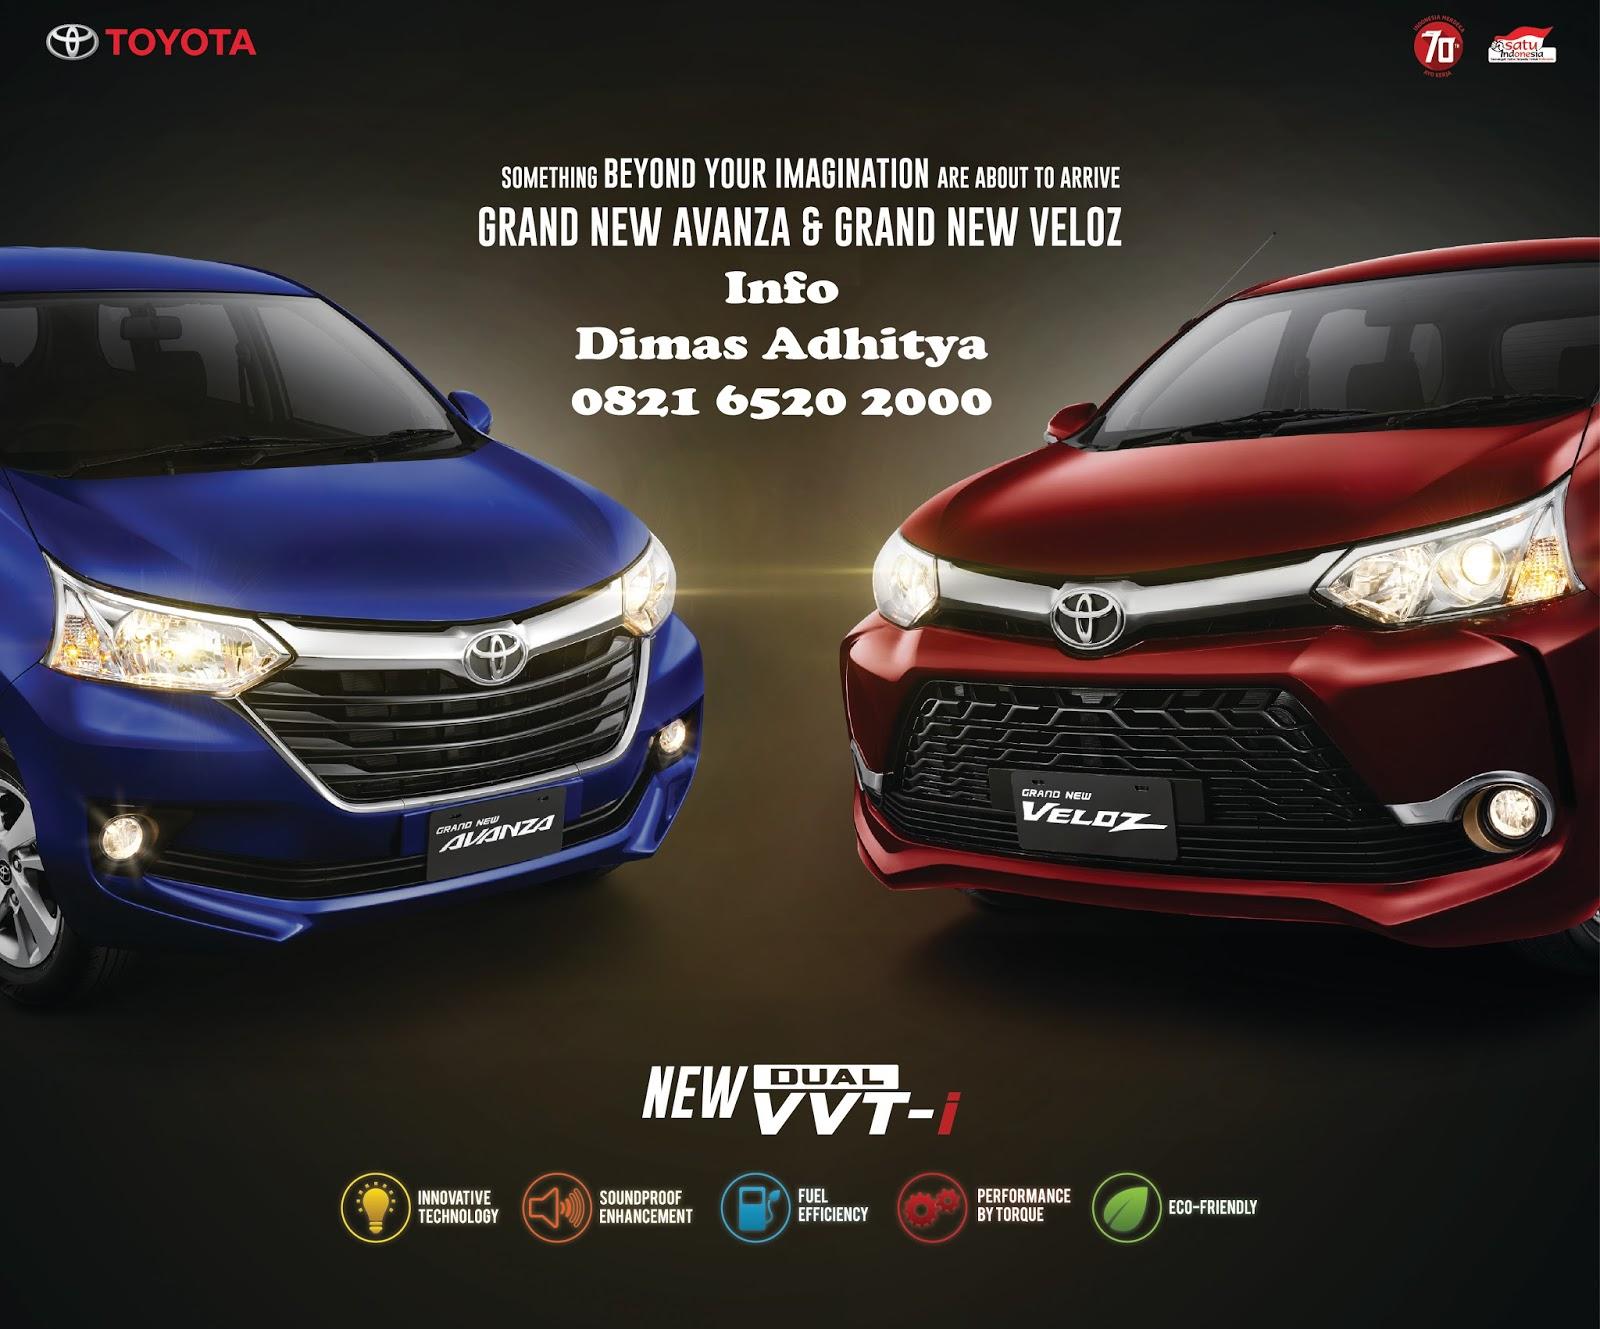 Grand New Avanza E Dan G Toyota Yaris Trd Sportivo Interior Download Koleksi 89 Lampu Belakang Terlengkap